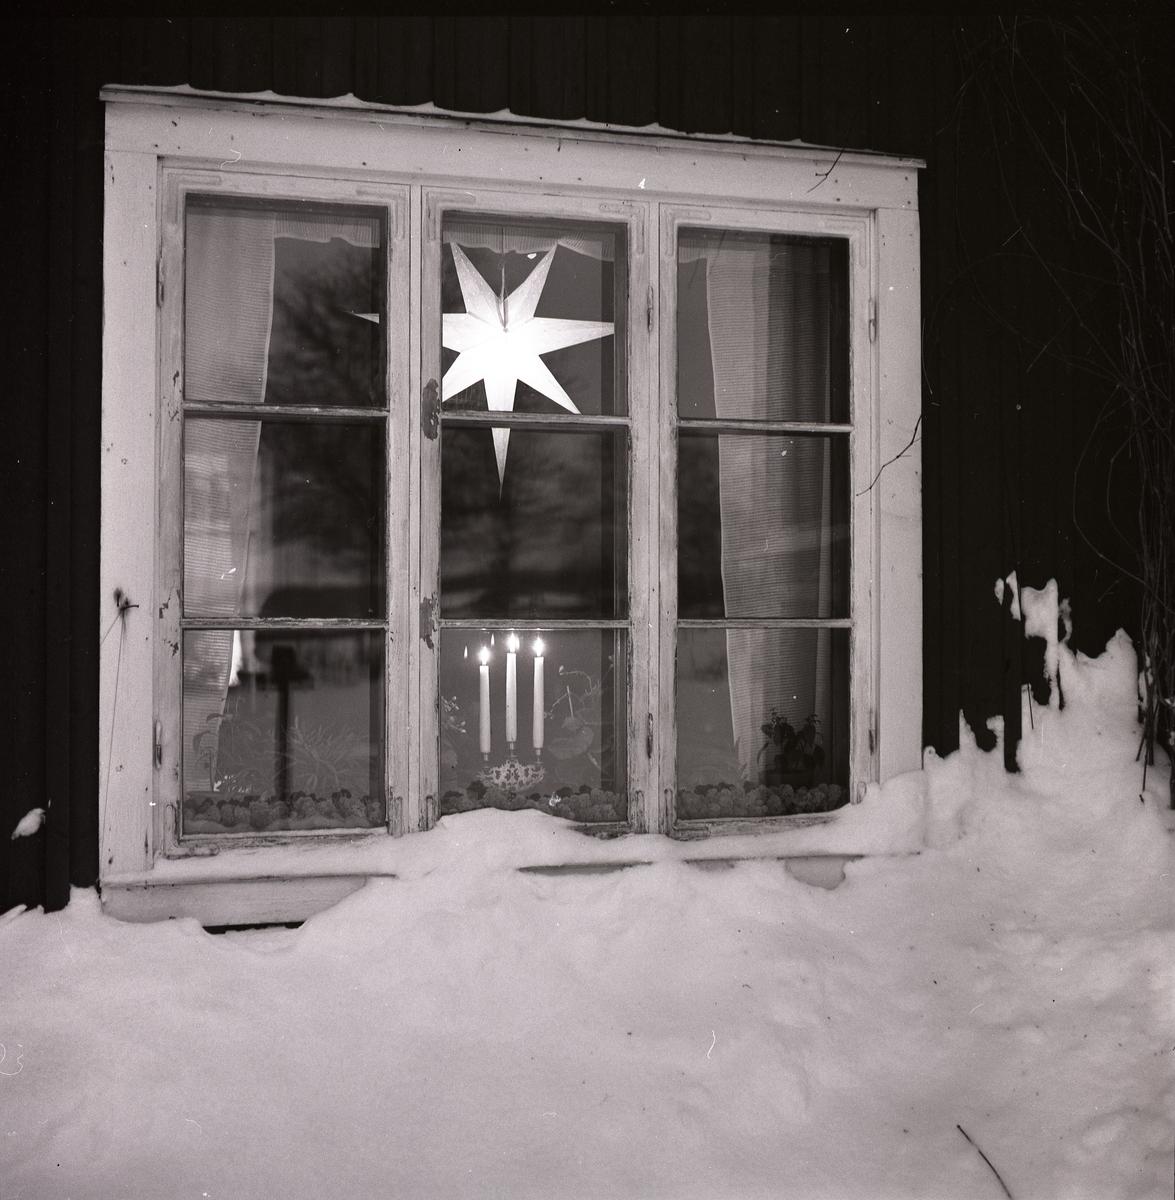 Uppskottad snö utanför fönstret med julbelysning i december 1960.